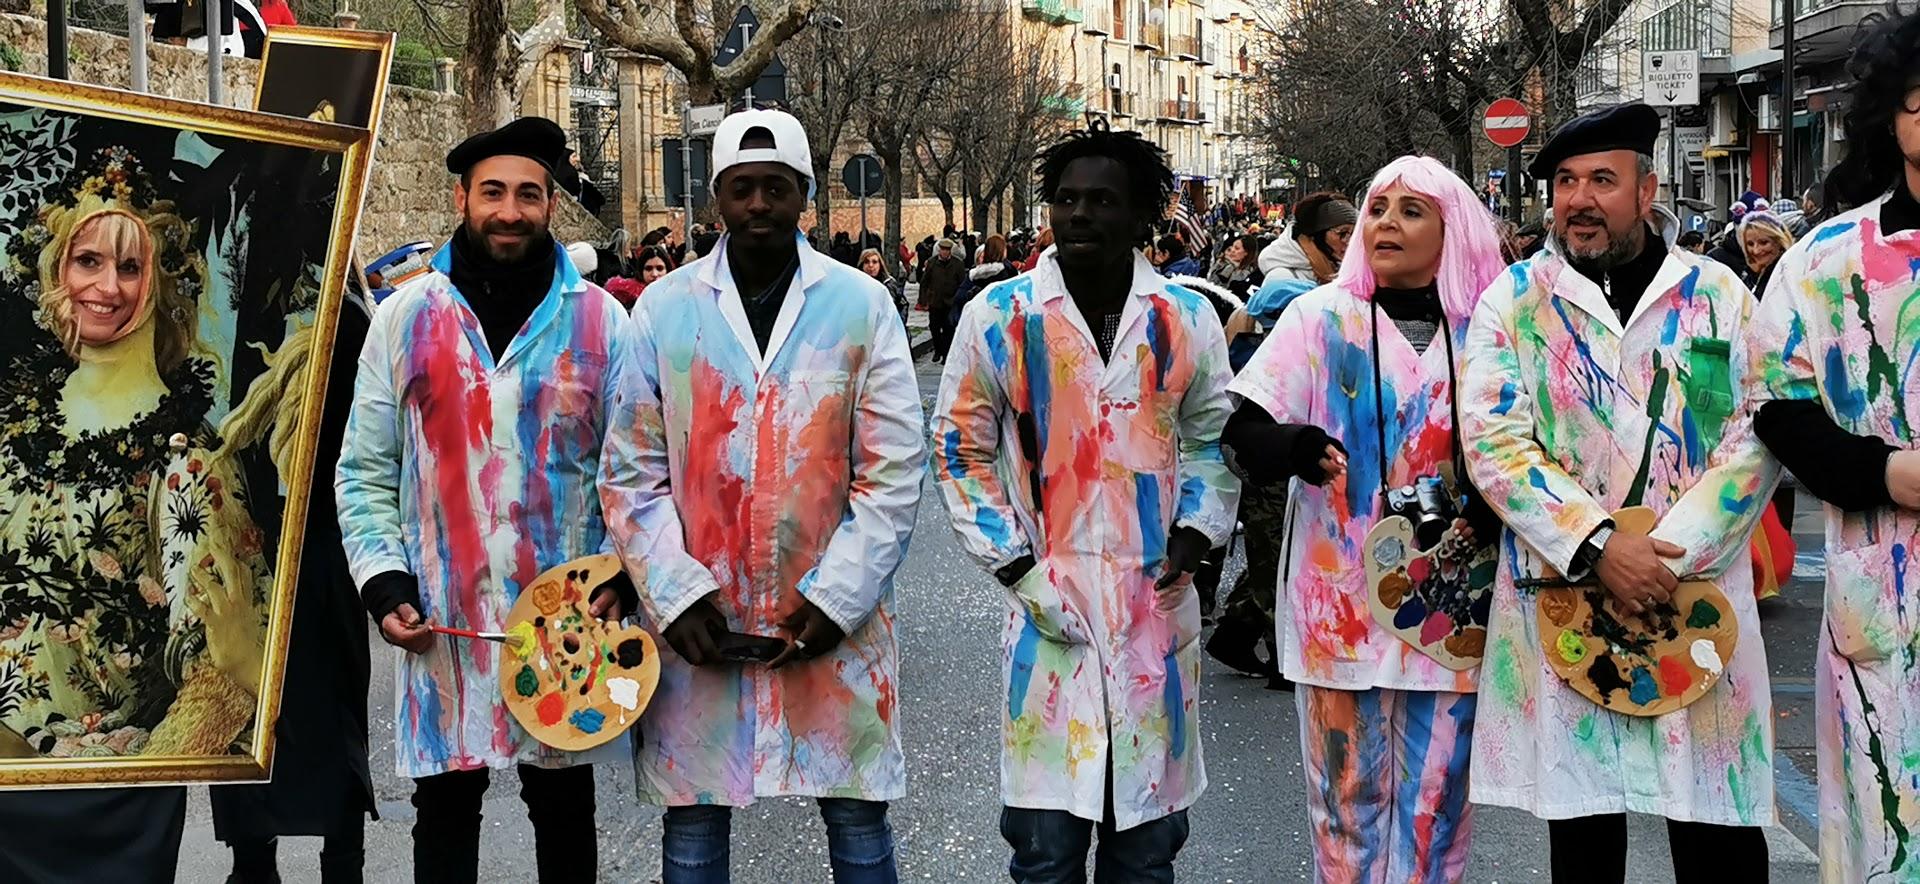 [FOTO] Piazza Armerina – Carnevale, la sfilata dei carri allegorici